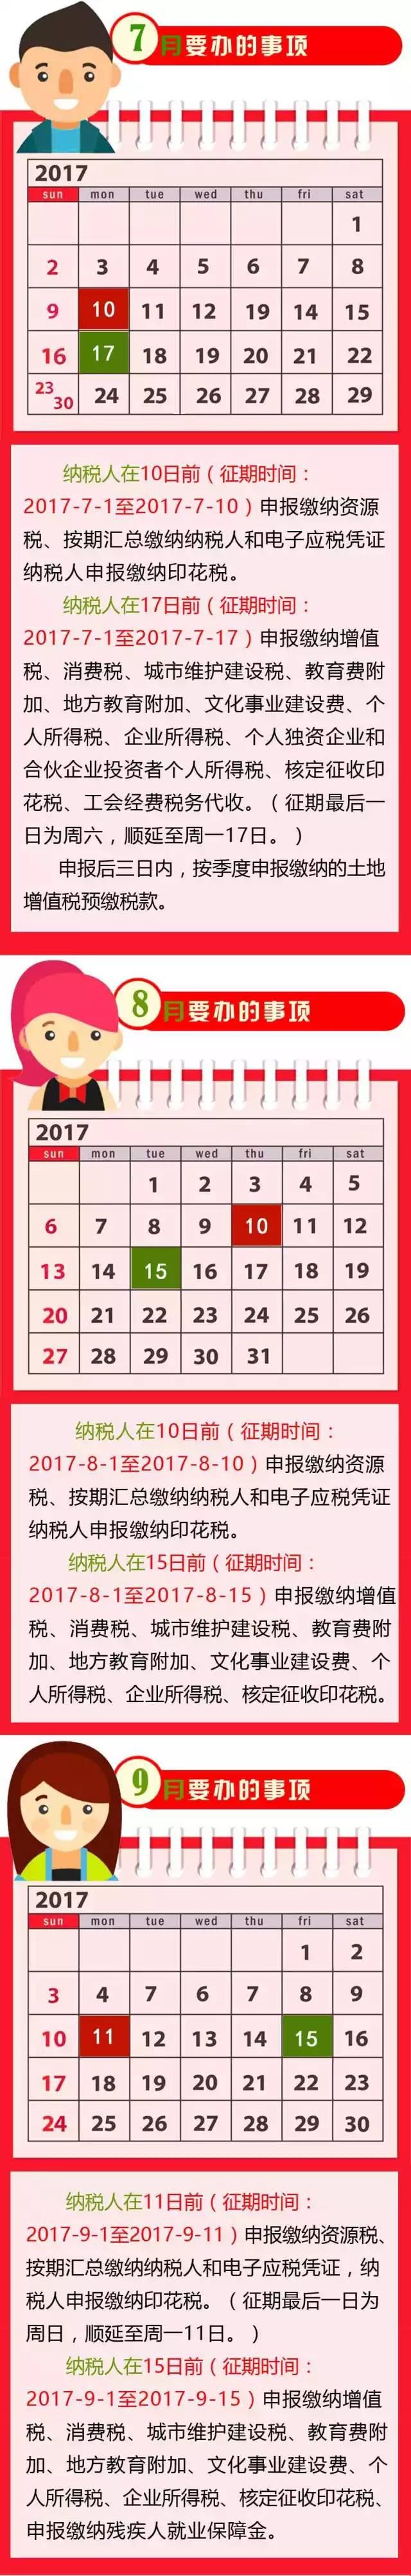 2017办税看它就够了!2017征期日历新鲜出炉~收藏! 〖税务知识〗 第5张